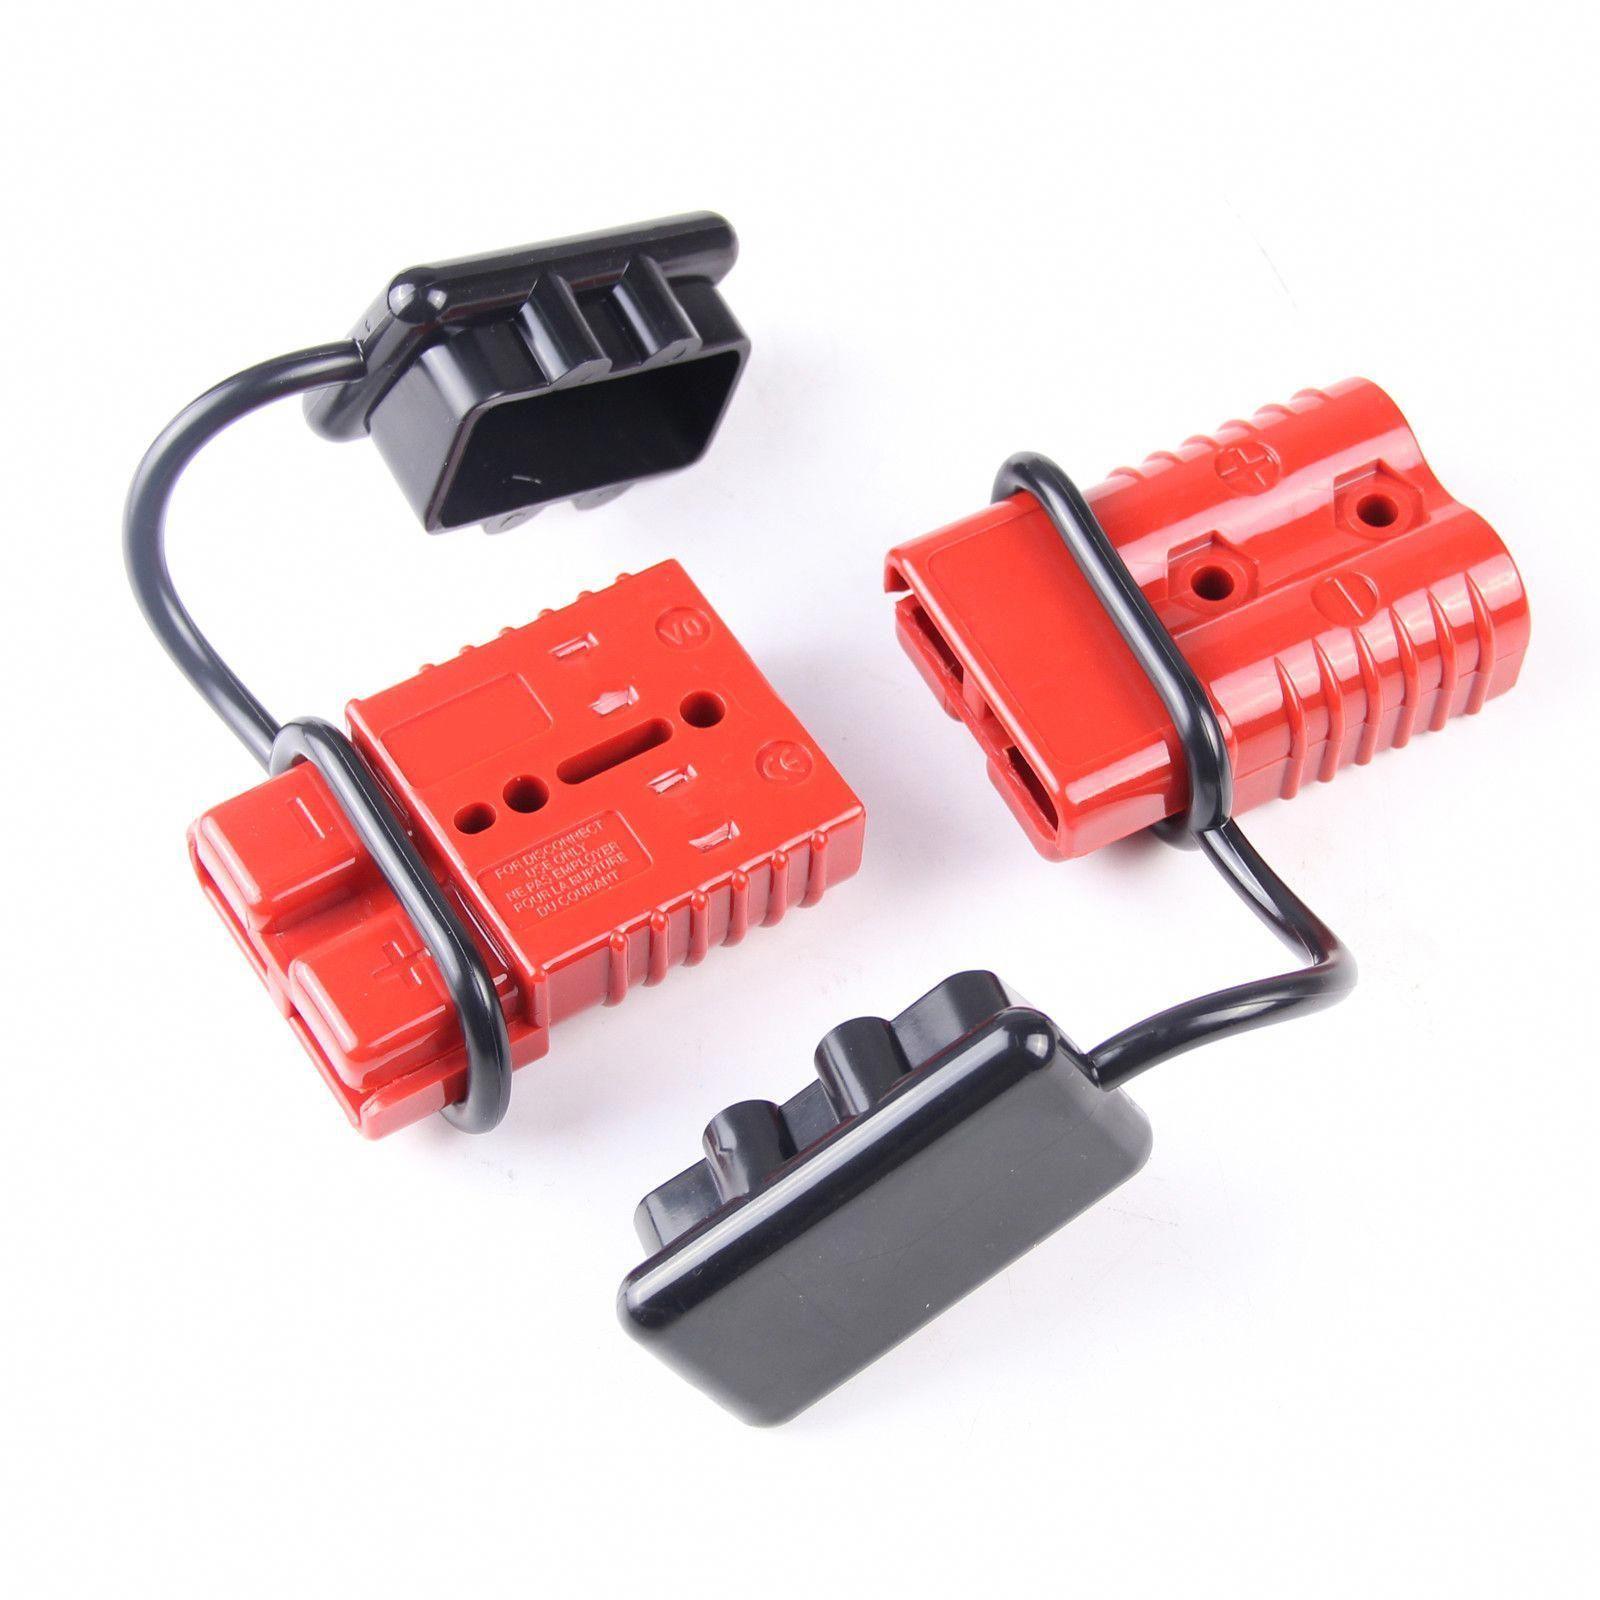 AURELIO TECH 24 Gauge Driver Battery Quick Connect Plug